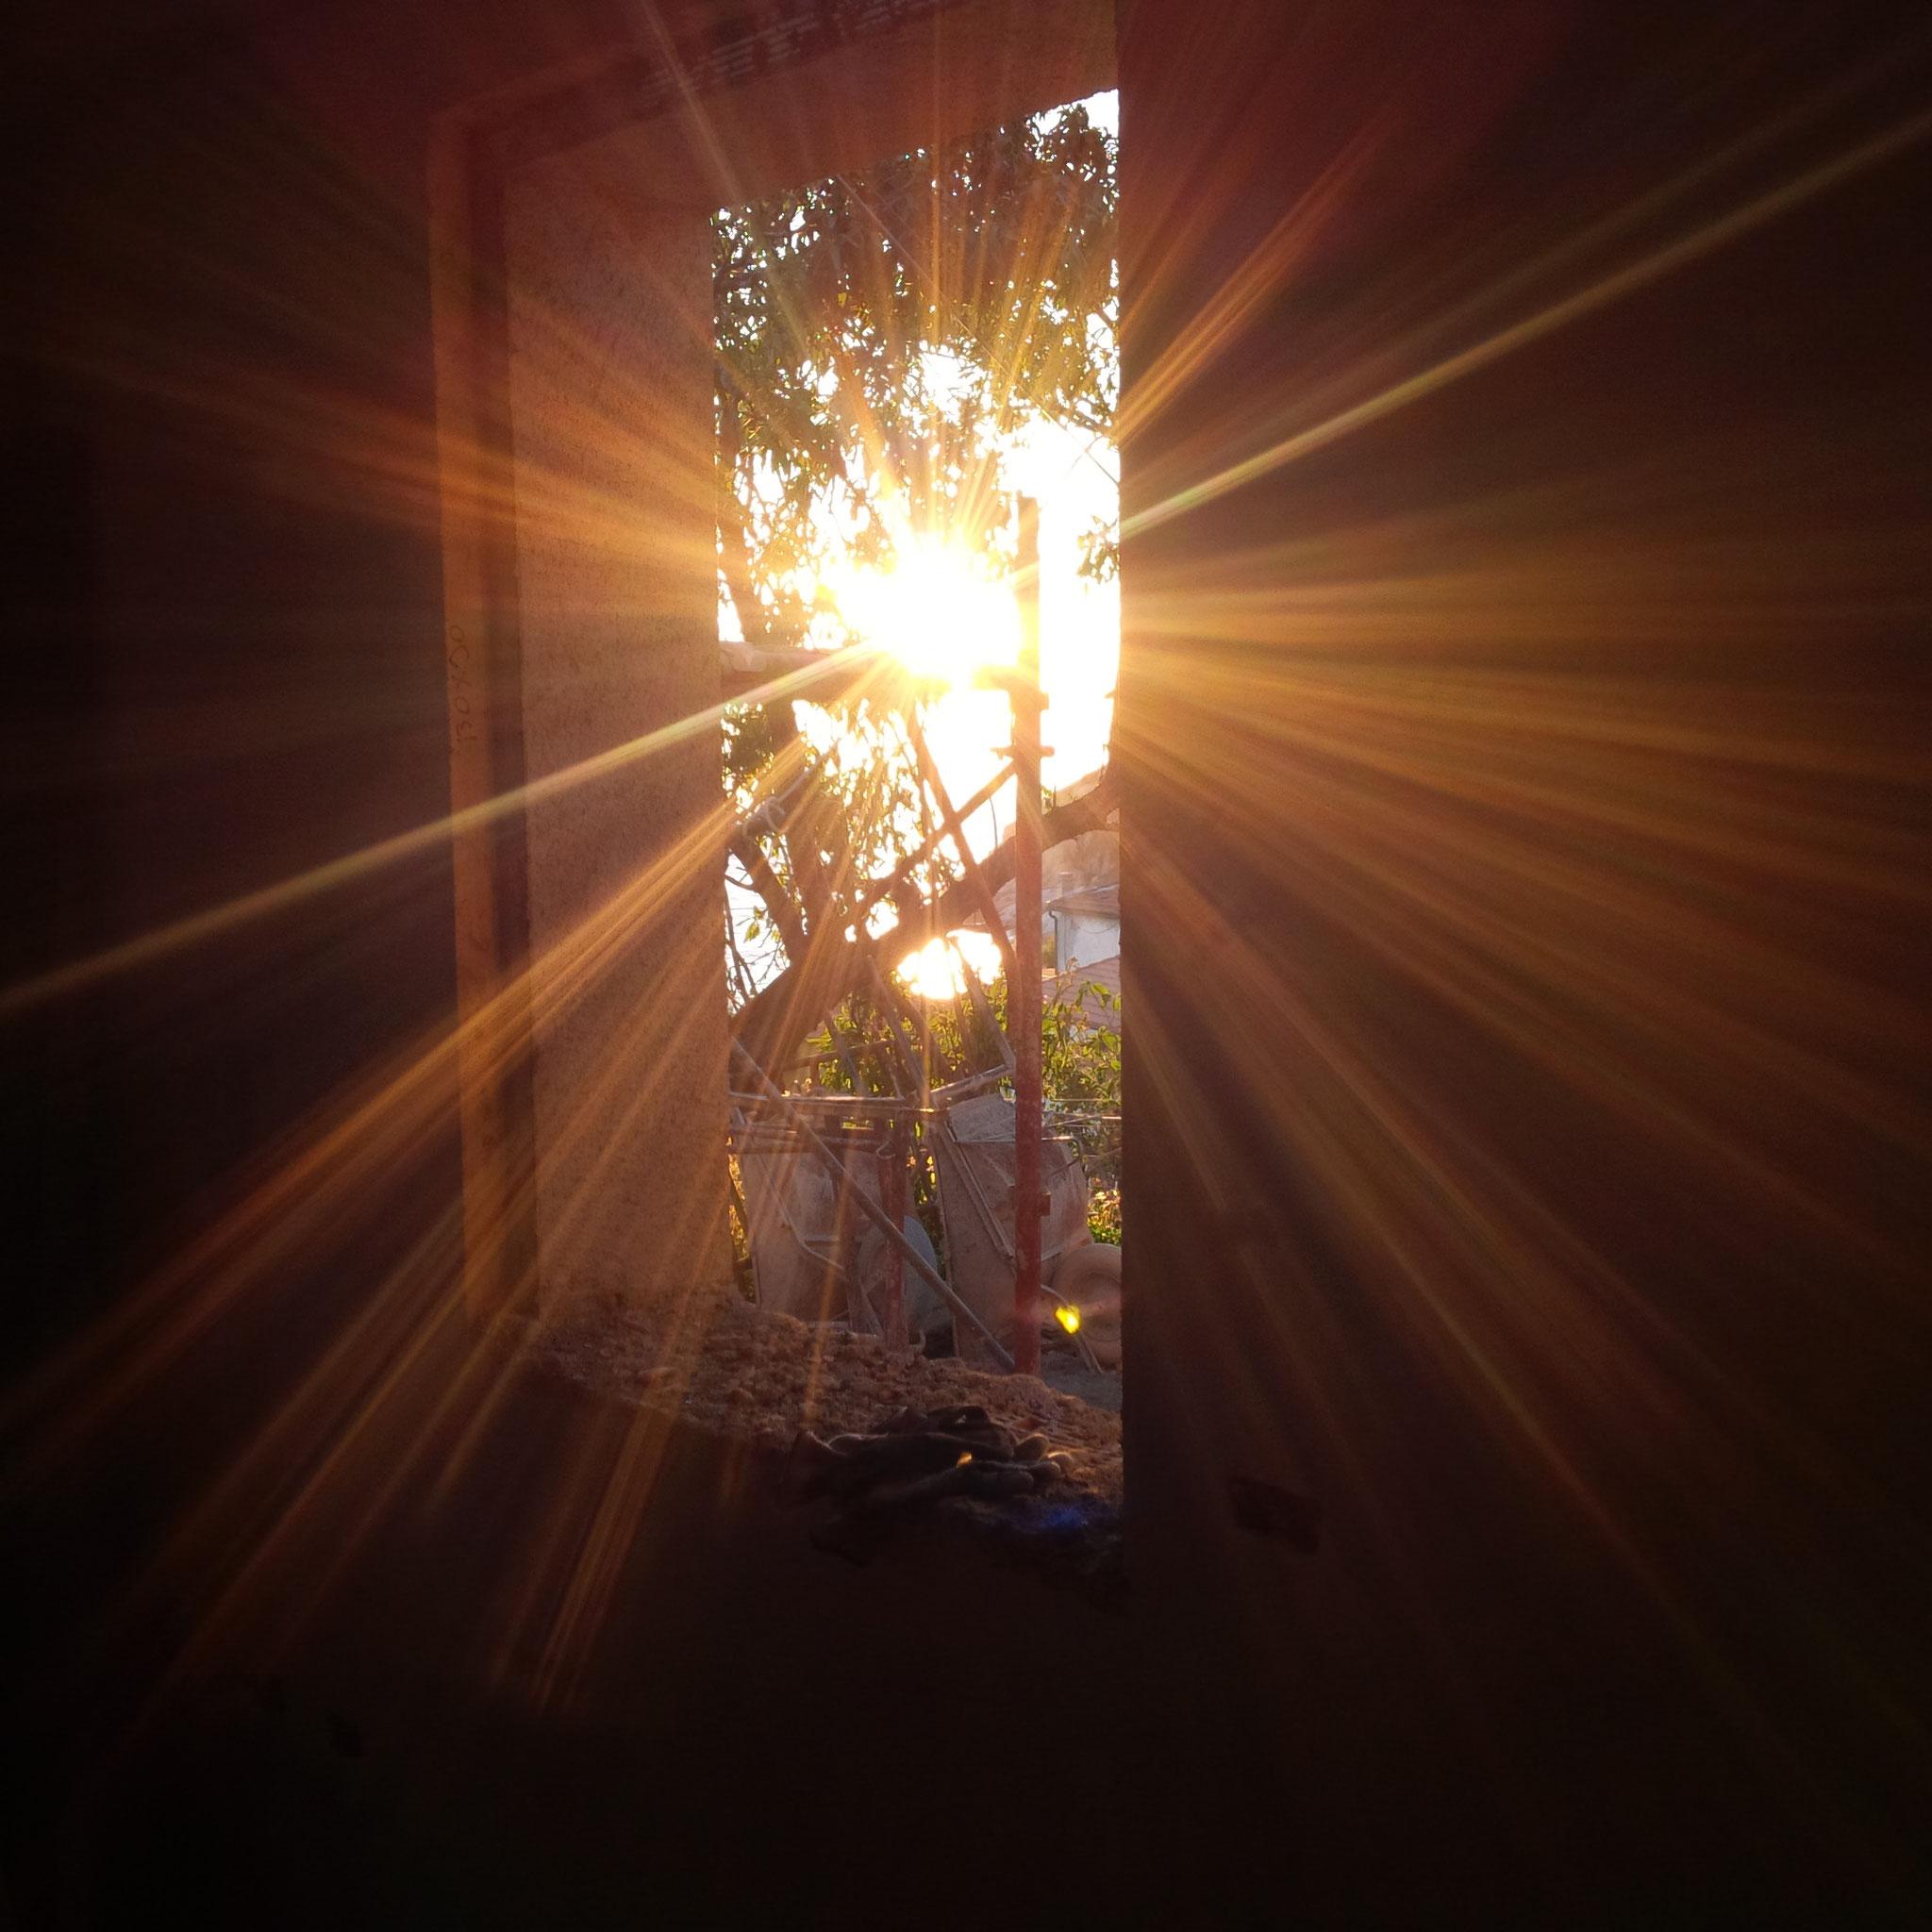 Wir reiben uns die Augen (Monat/Jahr): Licht am Ende des Tunnels